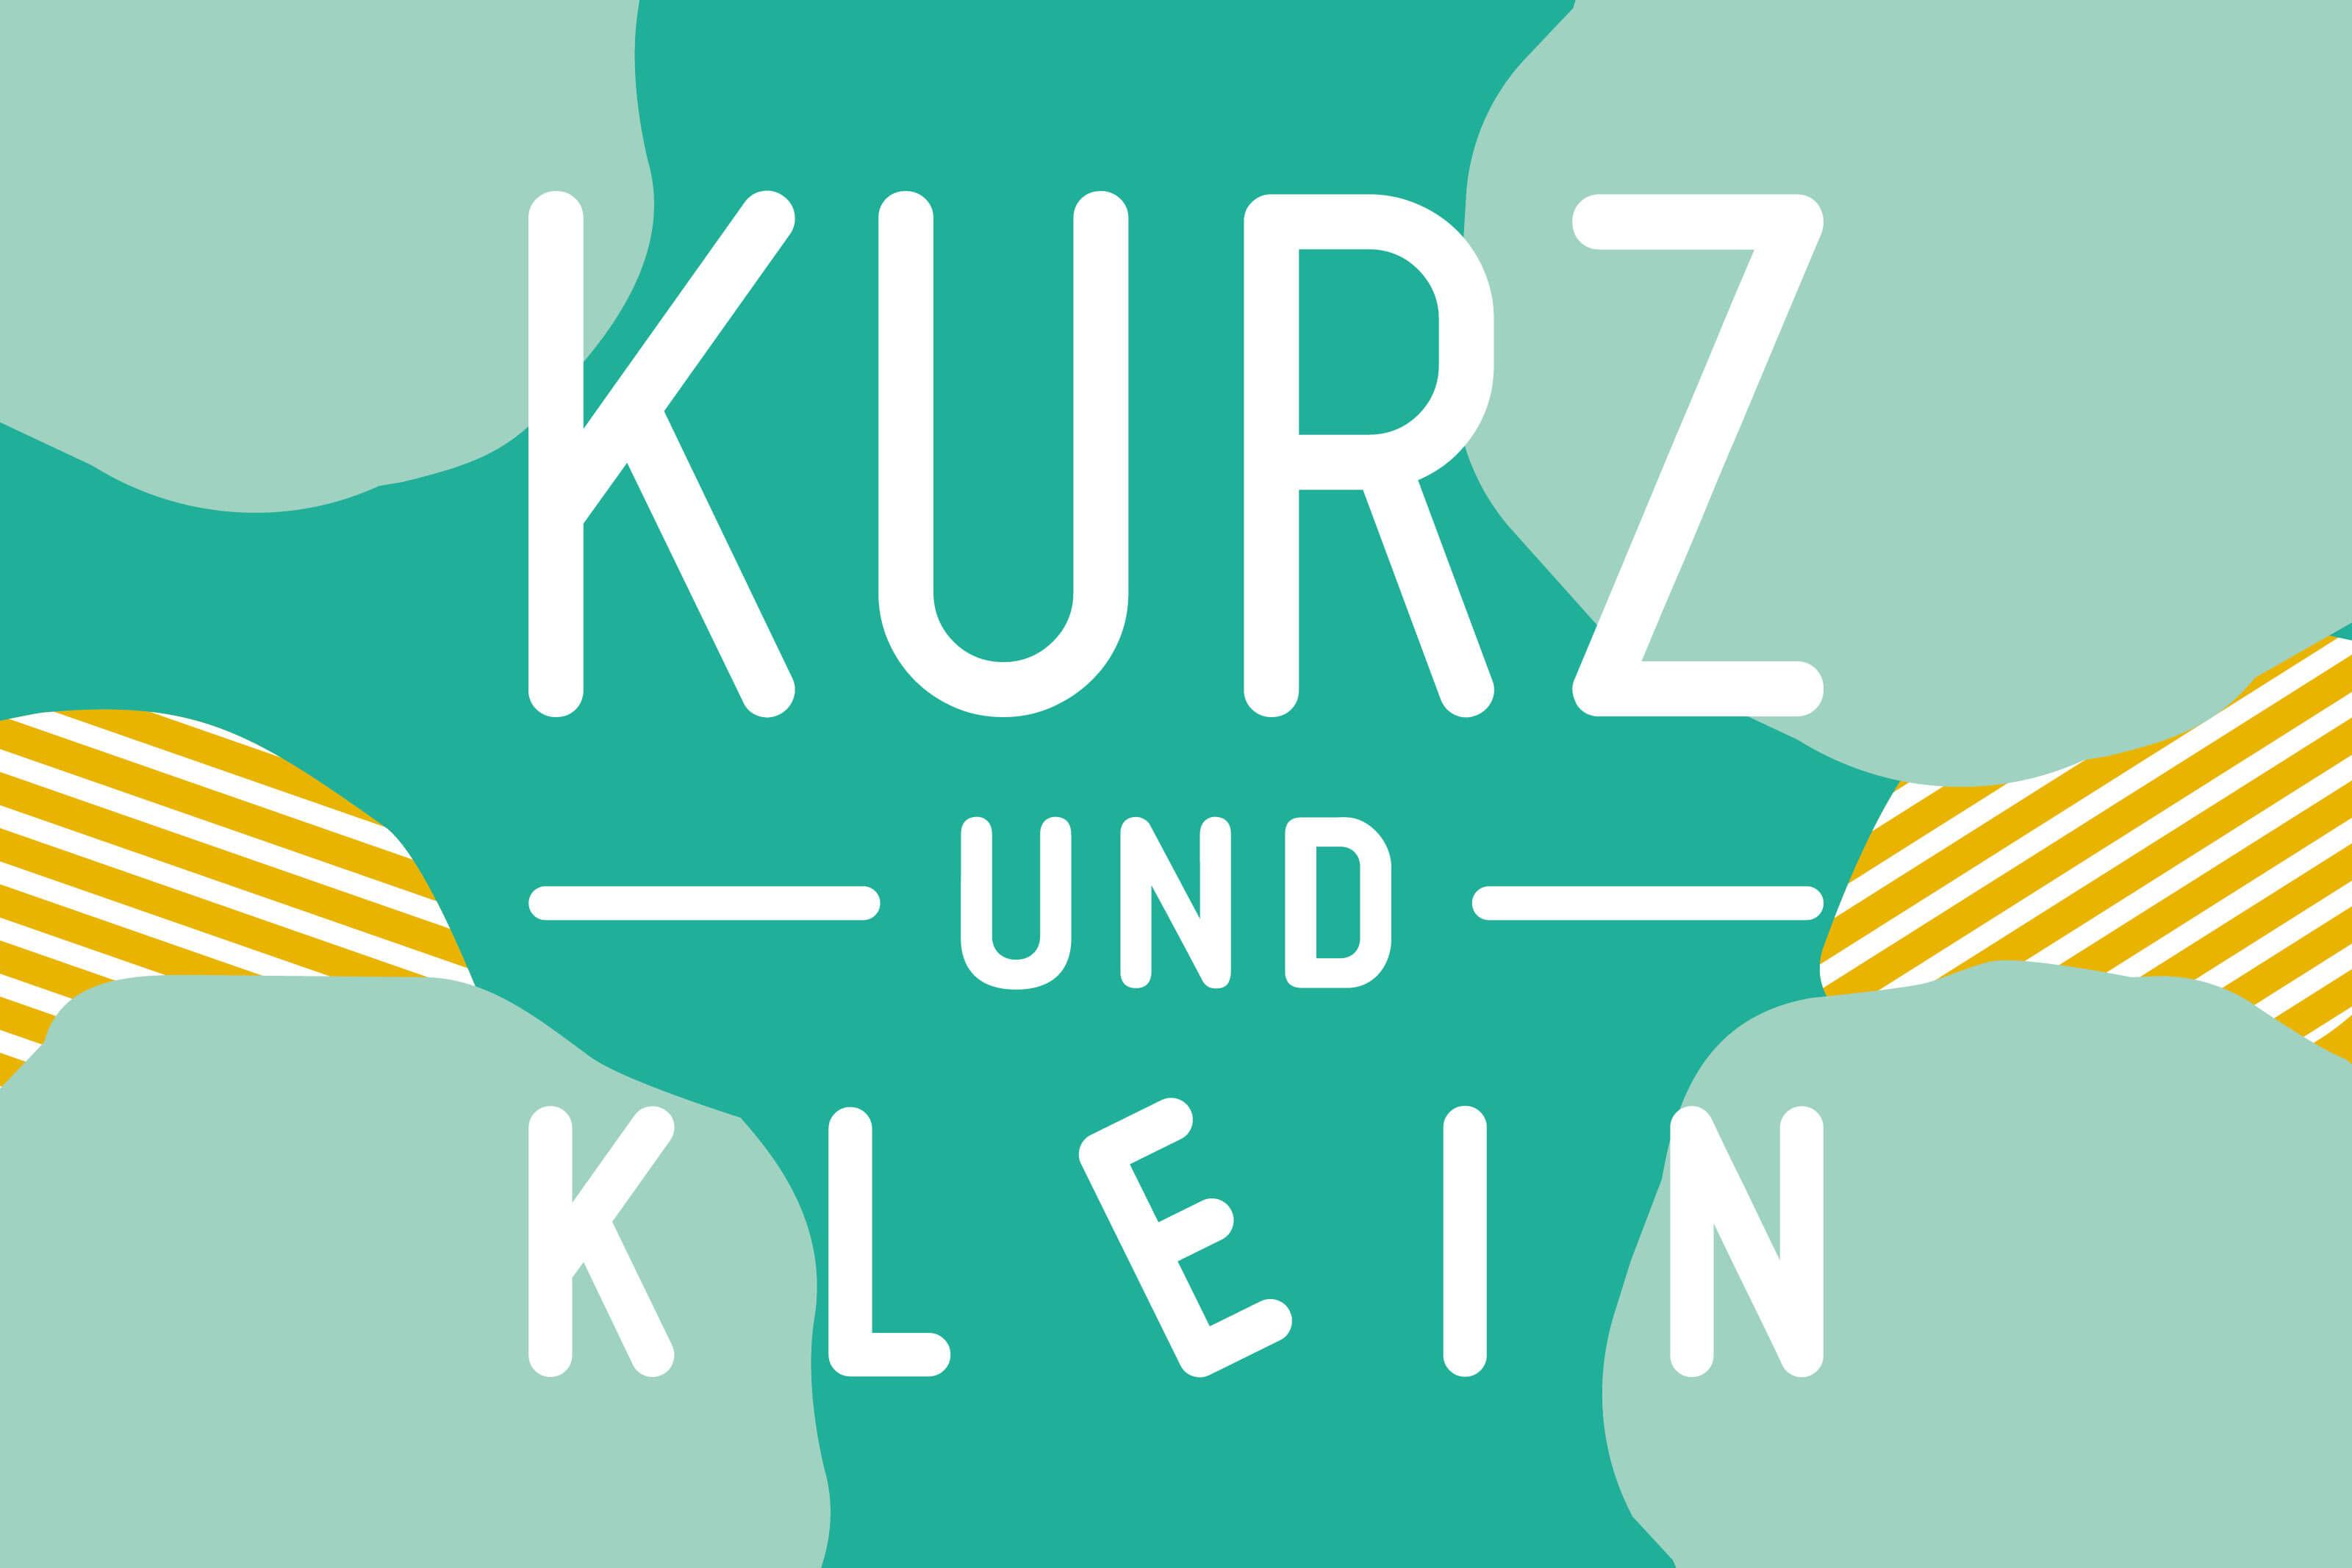 Logo des Kinderladen Kurz und Klein